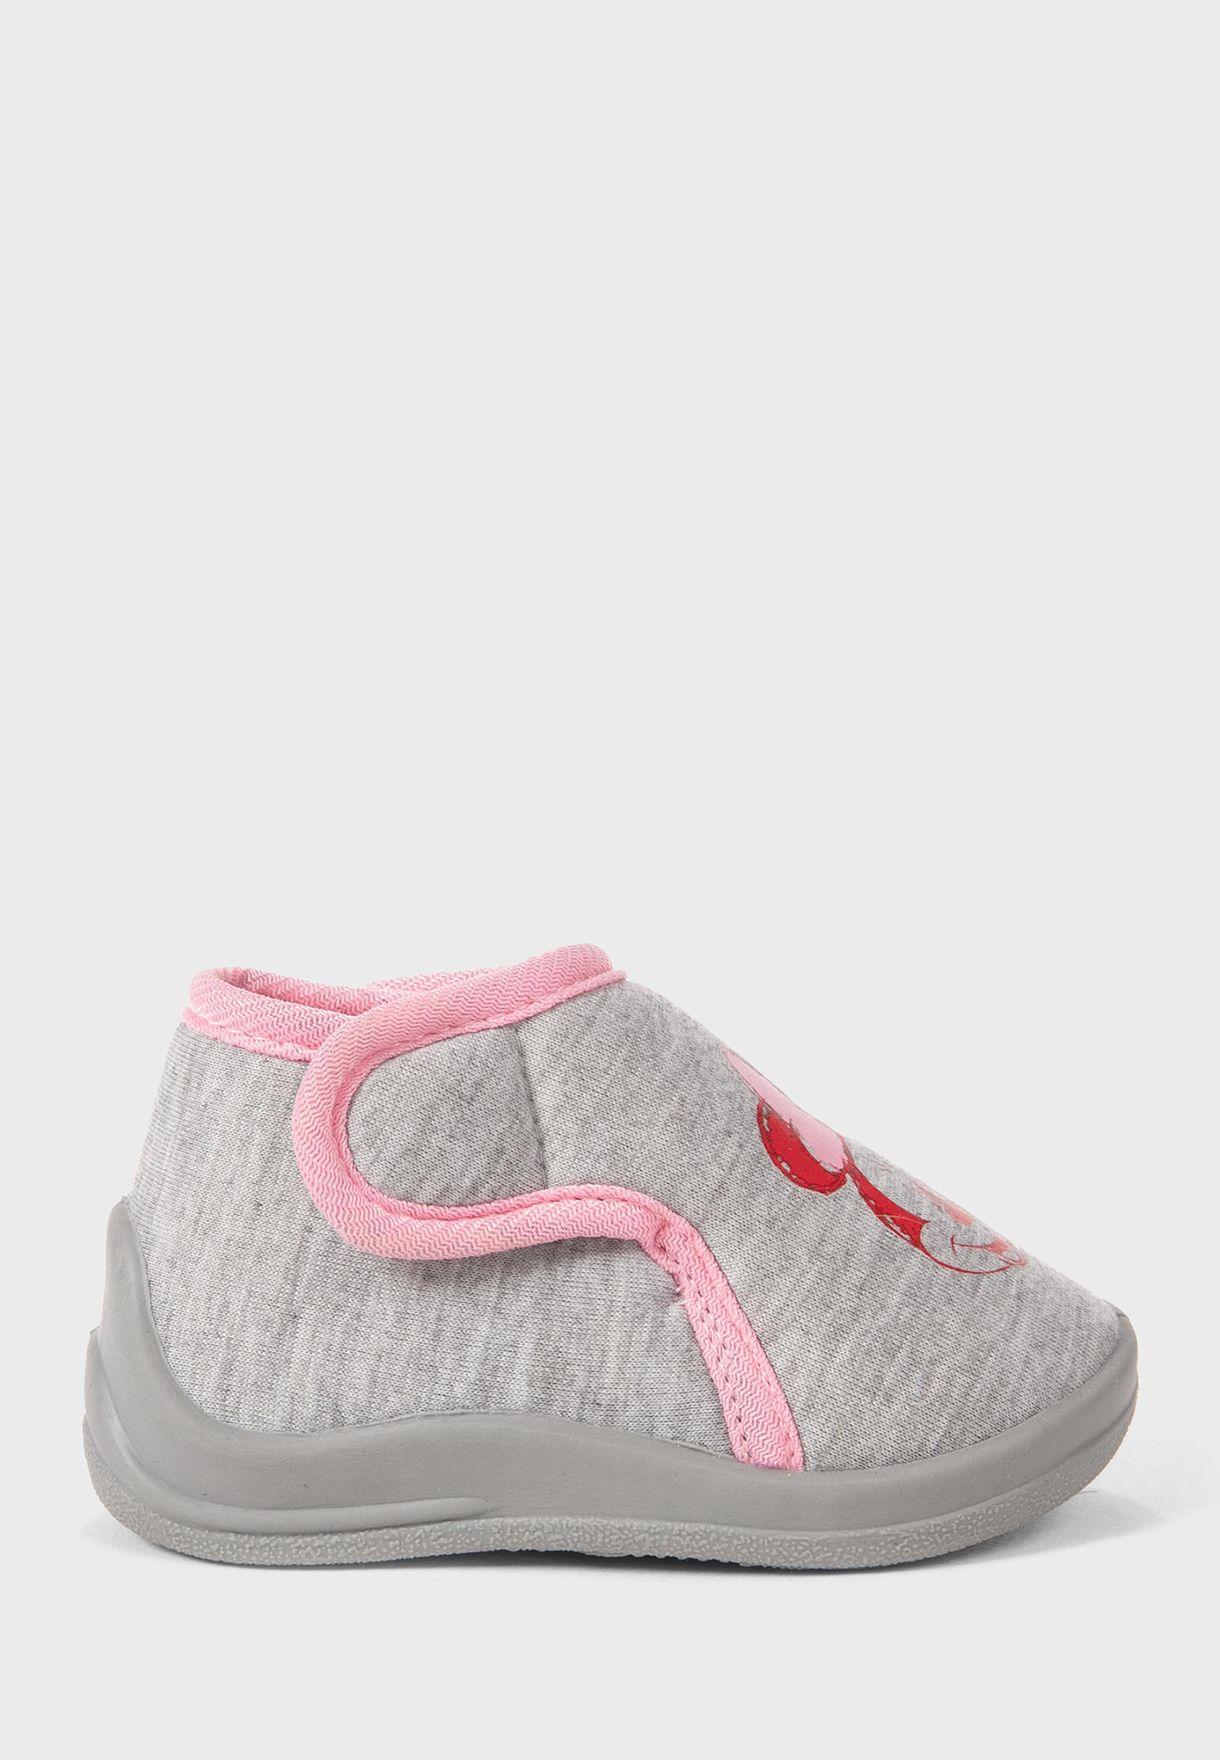 حذاء بطبعات ميني ماوس